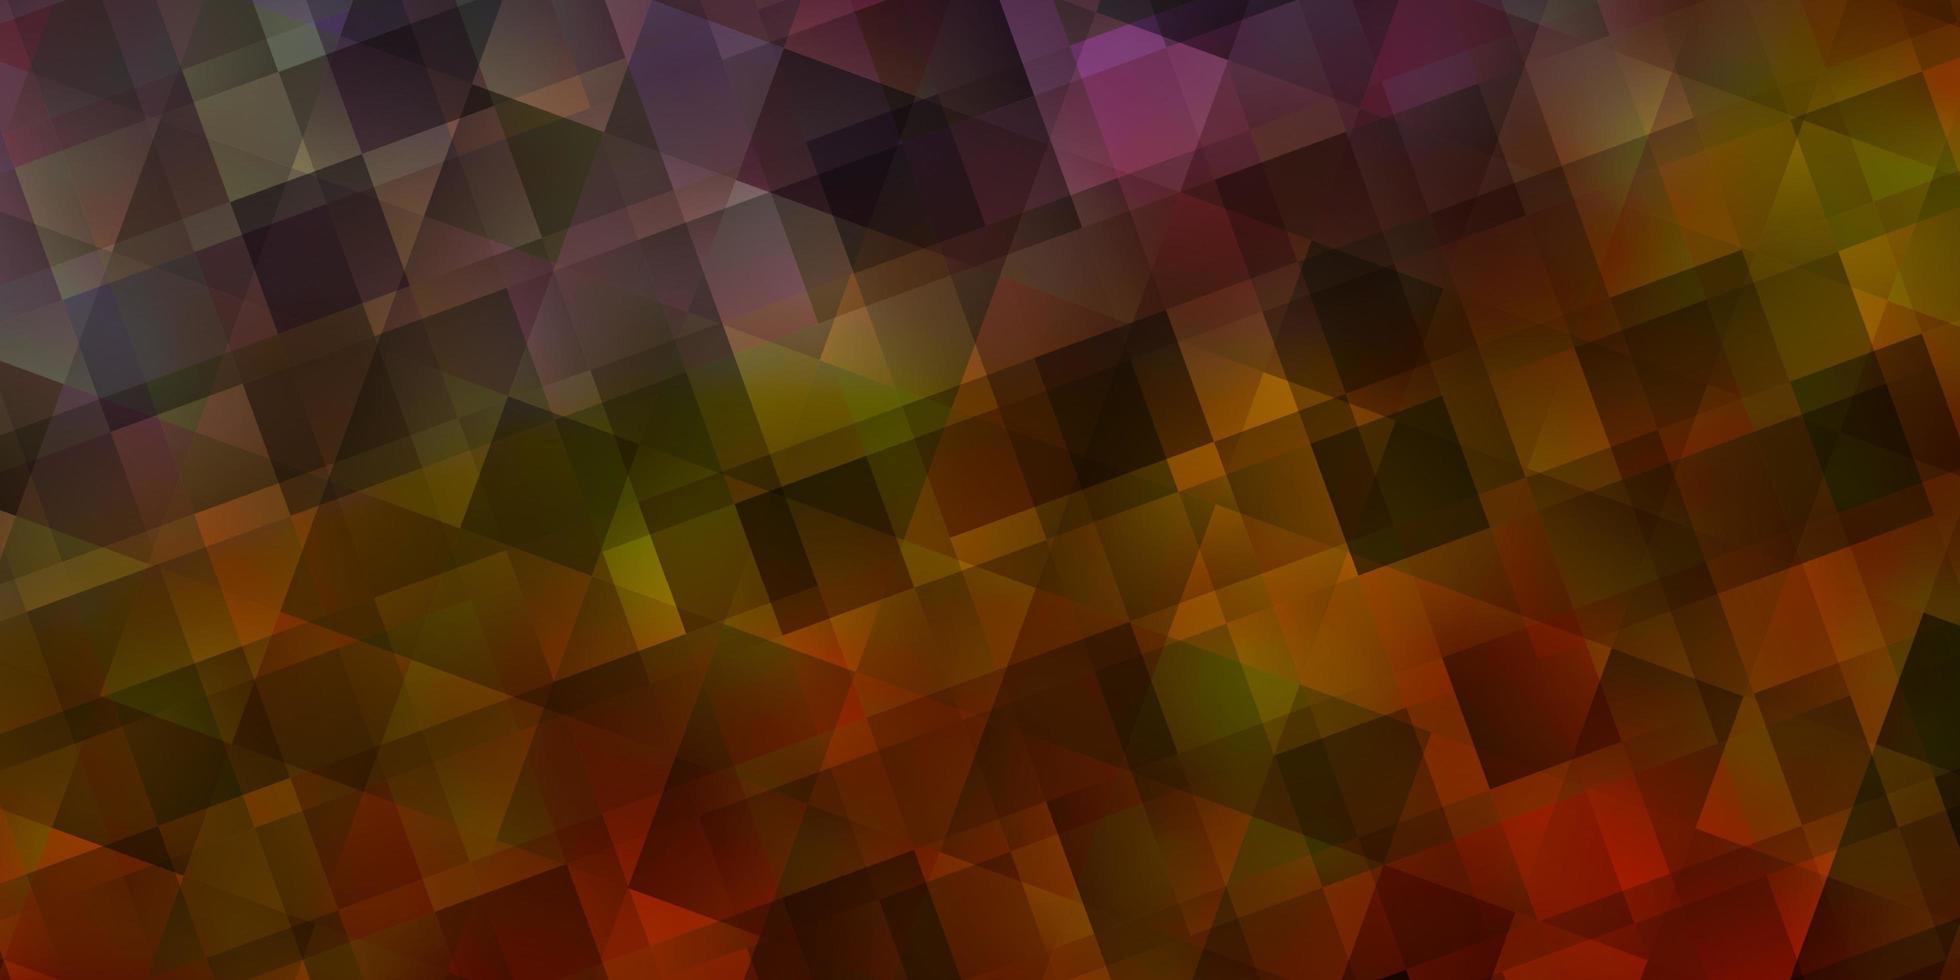 hellblaues, gelbes Vektorlayout mit Linien, Dreiecken. vektor